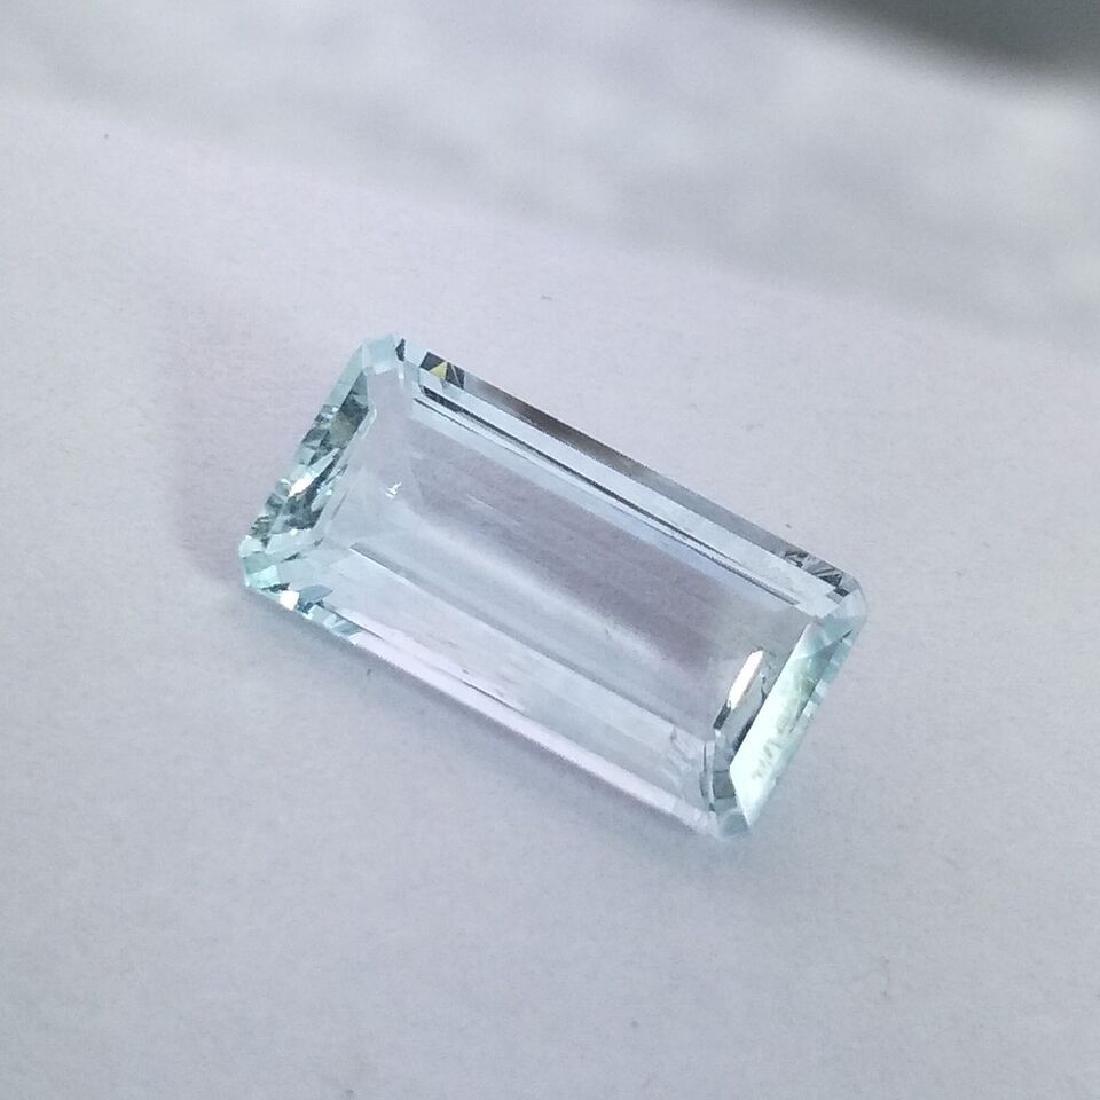 Aquamarine - 3.46 Carat Loose